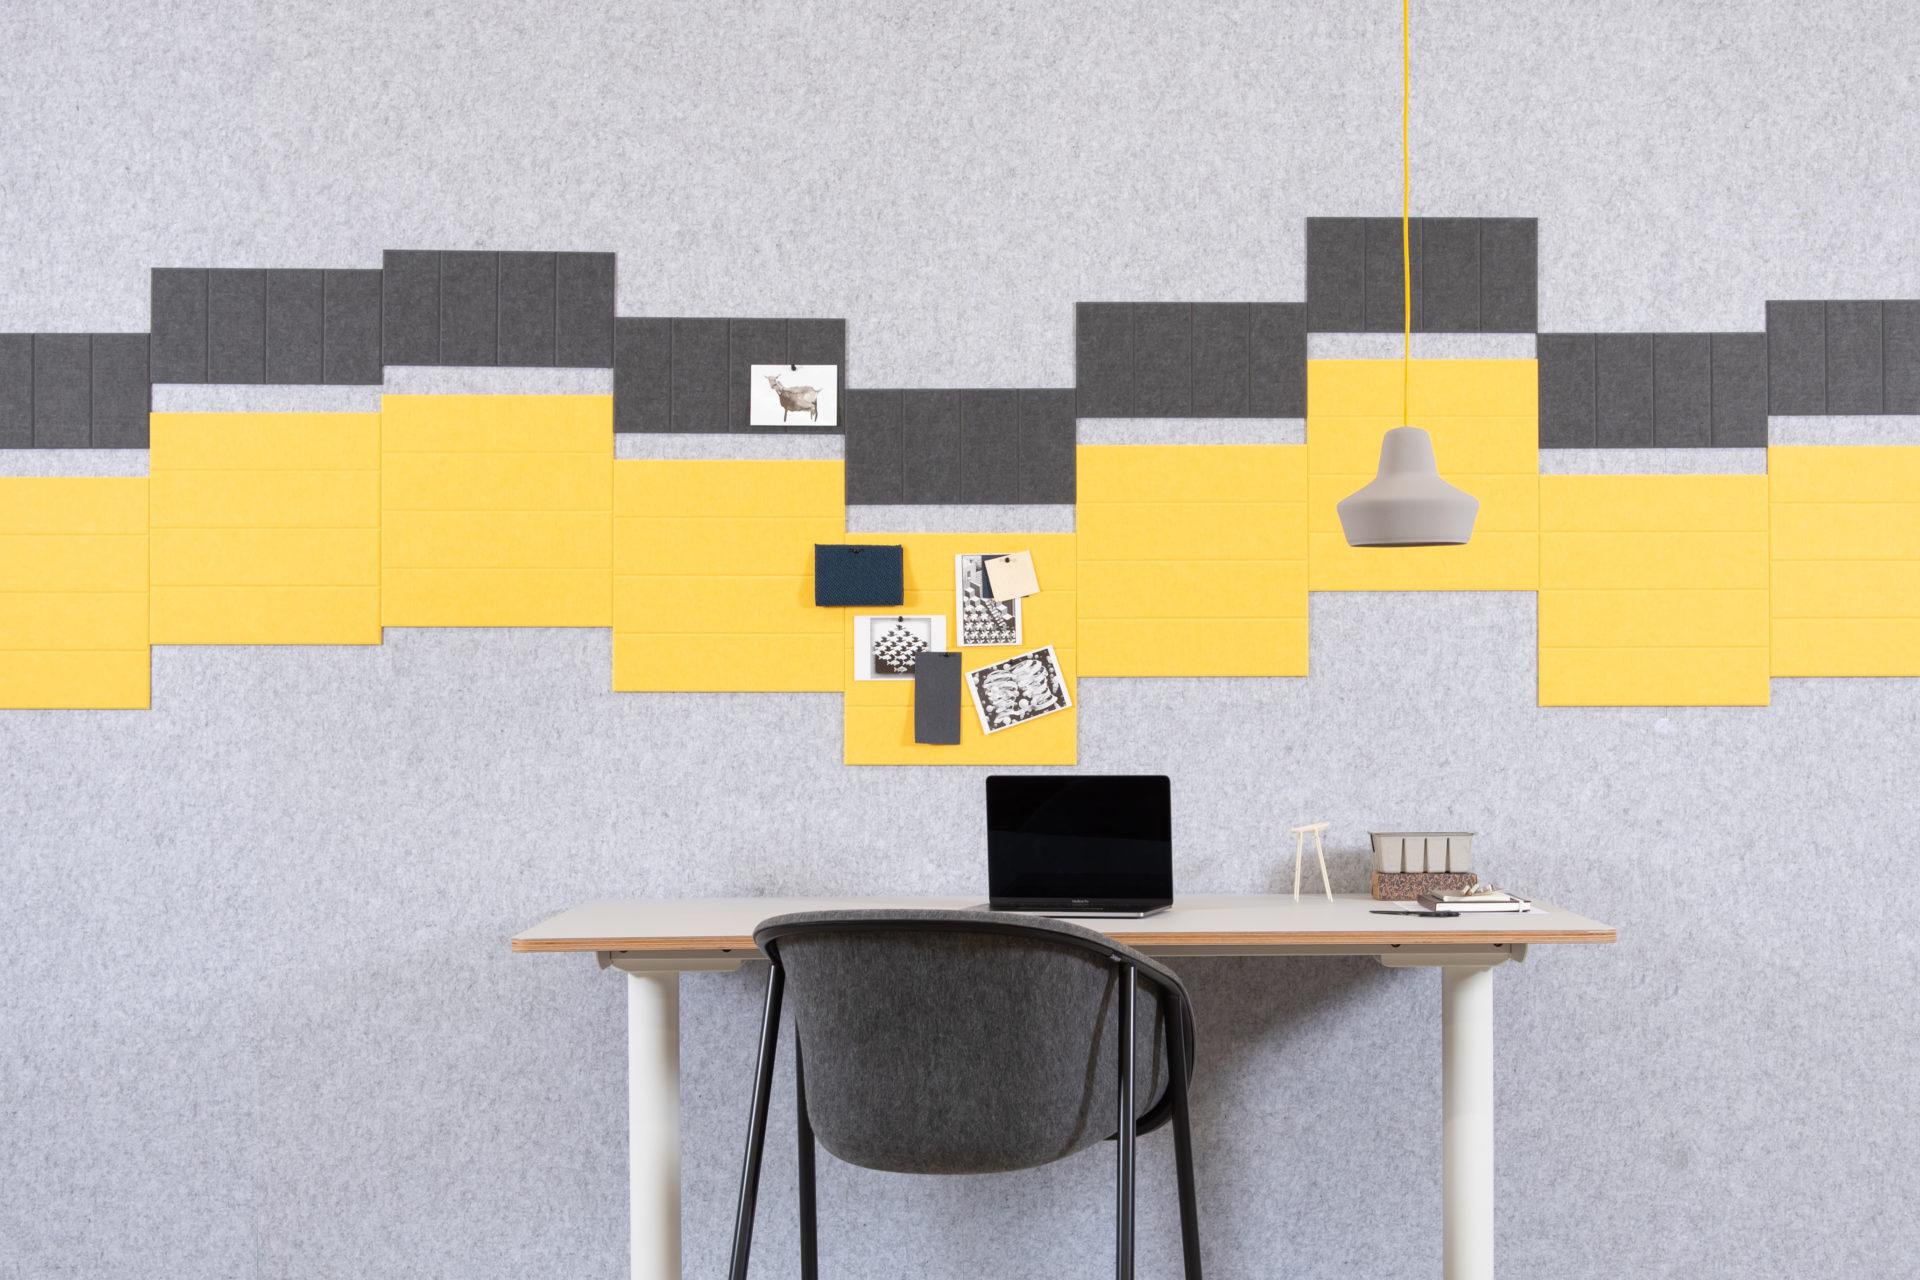 refelt-pet-felt-acoustic-tile-lines-small-20x20